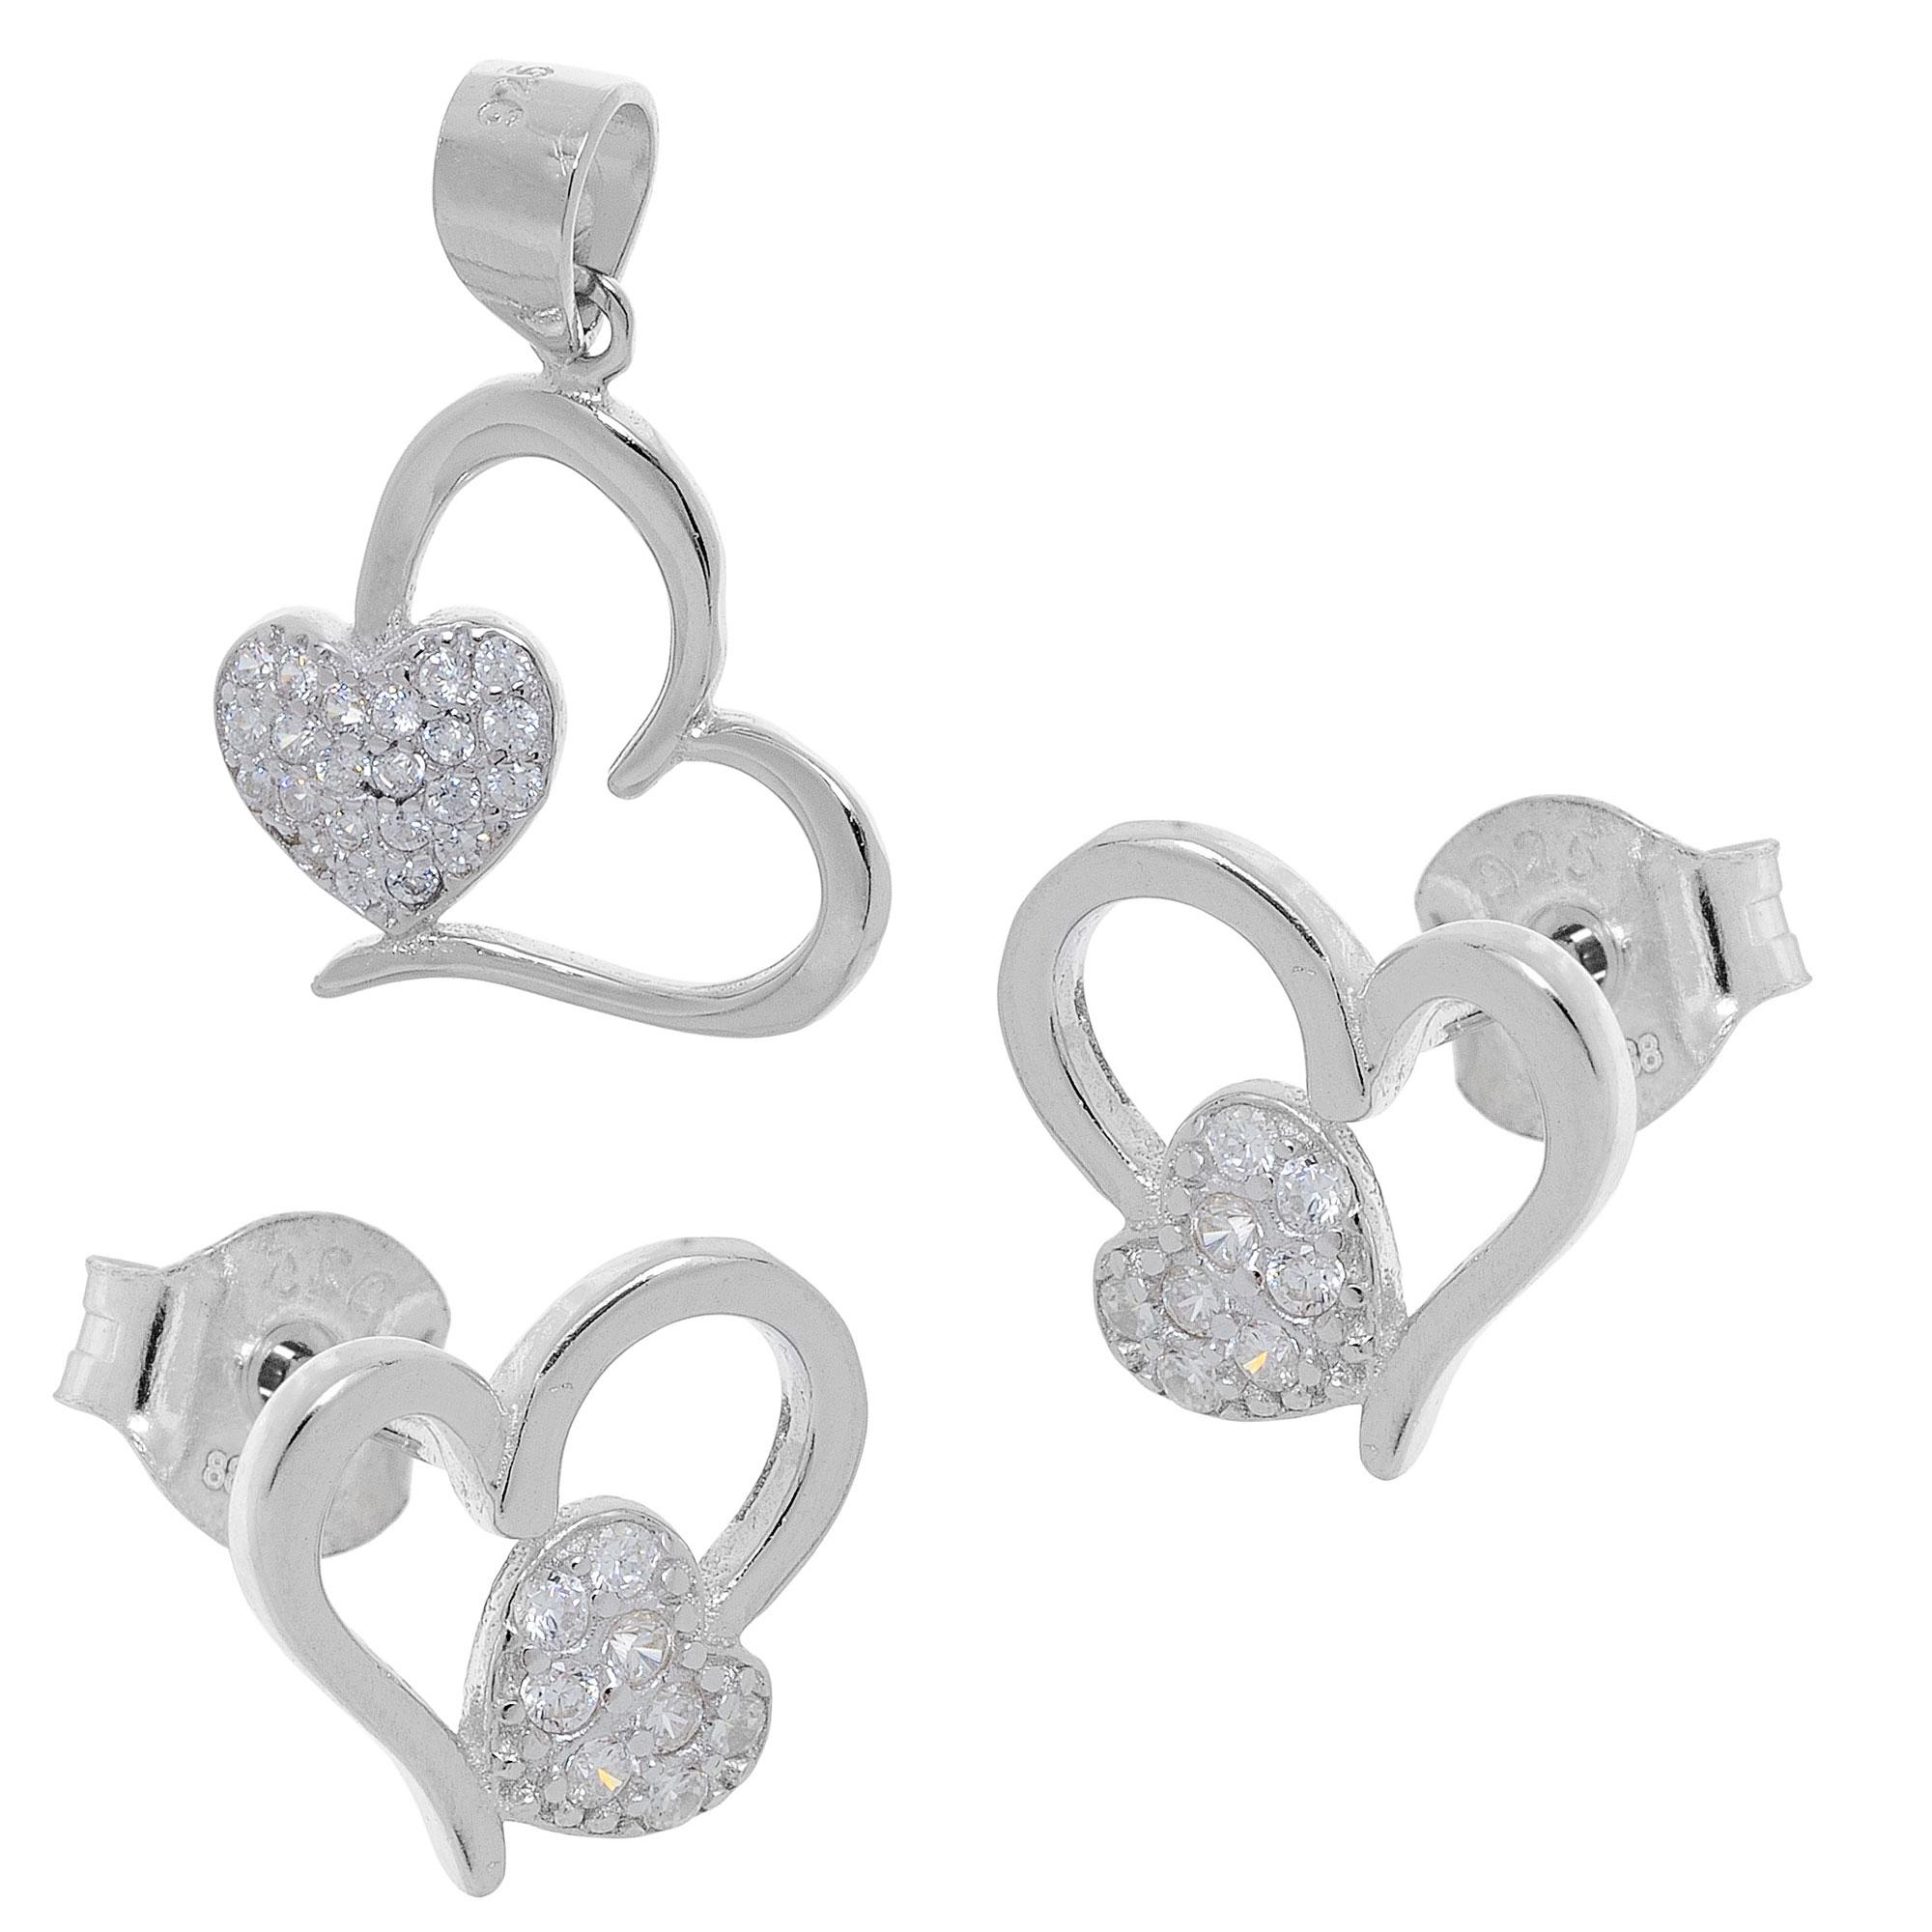 Σετ κοσμημάτων Prince Silvero (μενταγιόν και σκουλαρίκια καρδιά) από  επιπλατινωμένο ασήμι 925ο με ημιπολύτιμες πέτρες (ζιργκόν). YF-SE013-SET 9964cb8e112